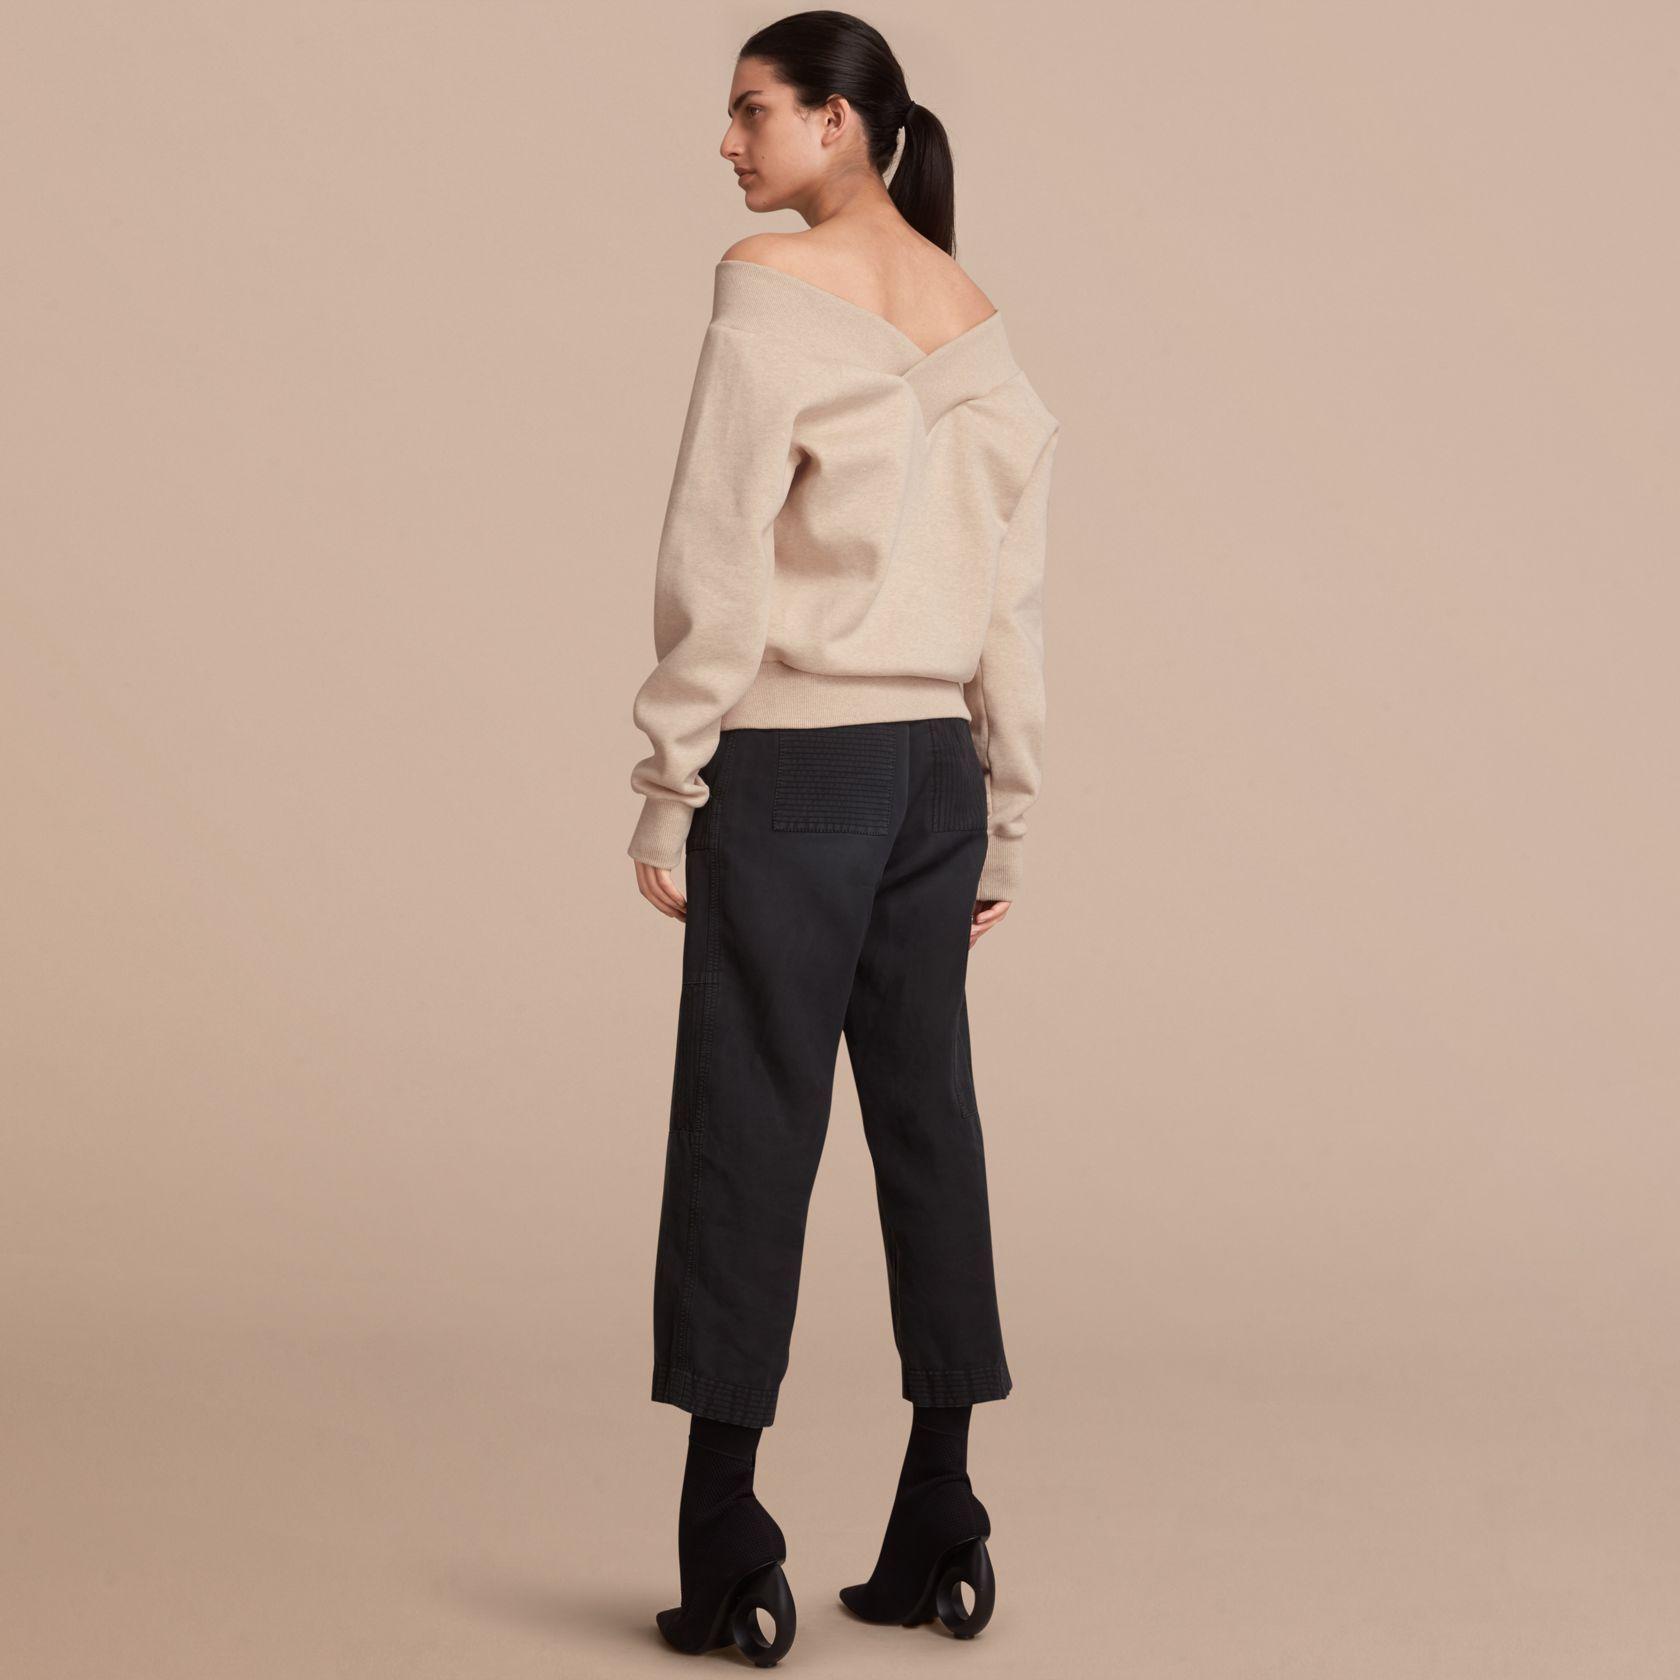 43f098e20fb Sweat-shirt avec épaules dénudées (Camaïeu De Grèges) - Femme ...